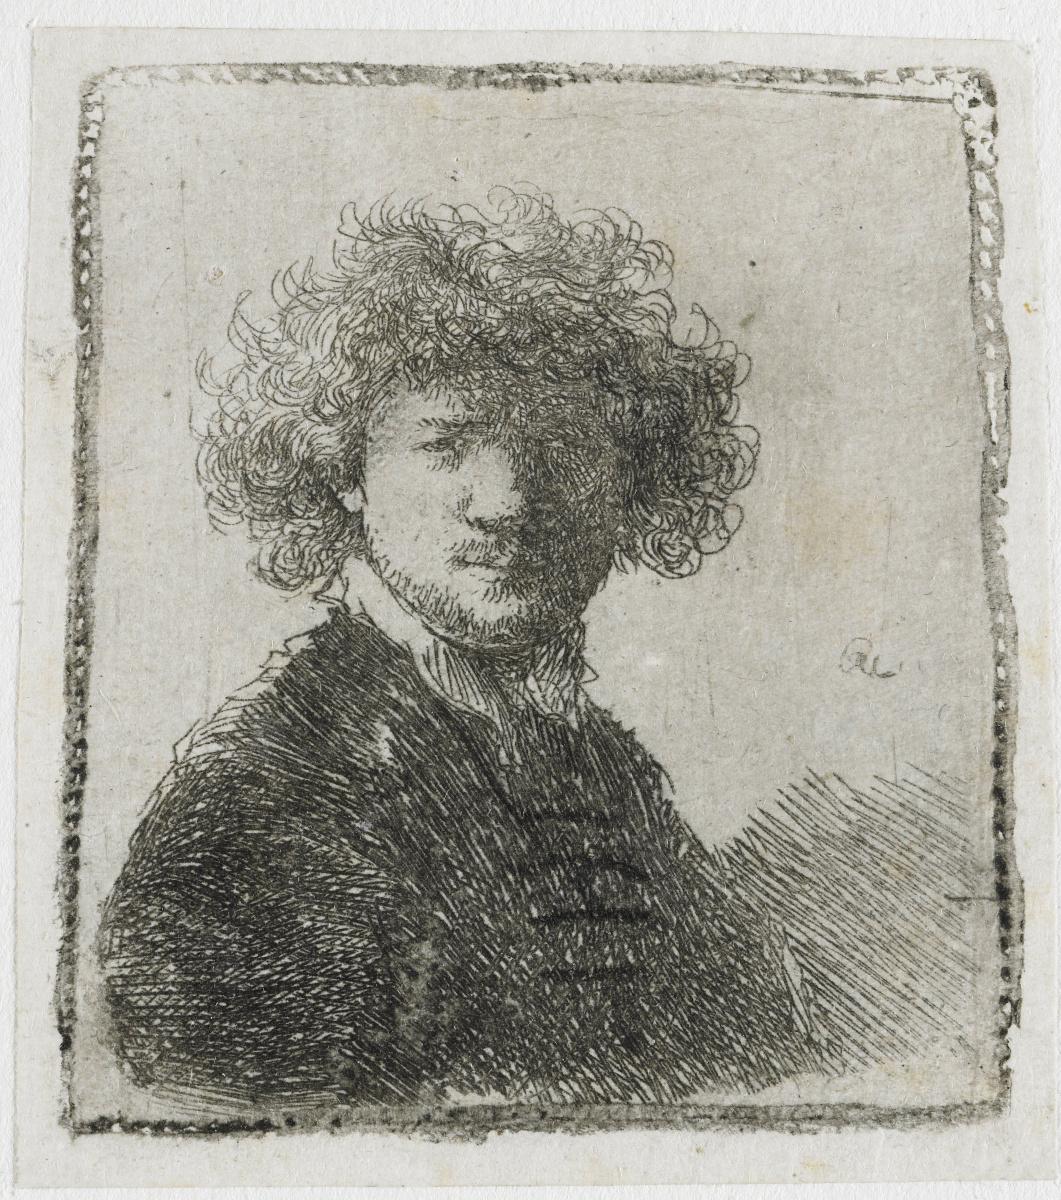 Рембрандт Харменс ван Рейн. Автопортрет с вьющимися волосами и белым воротником